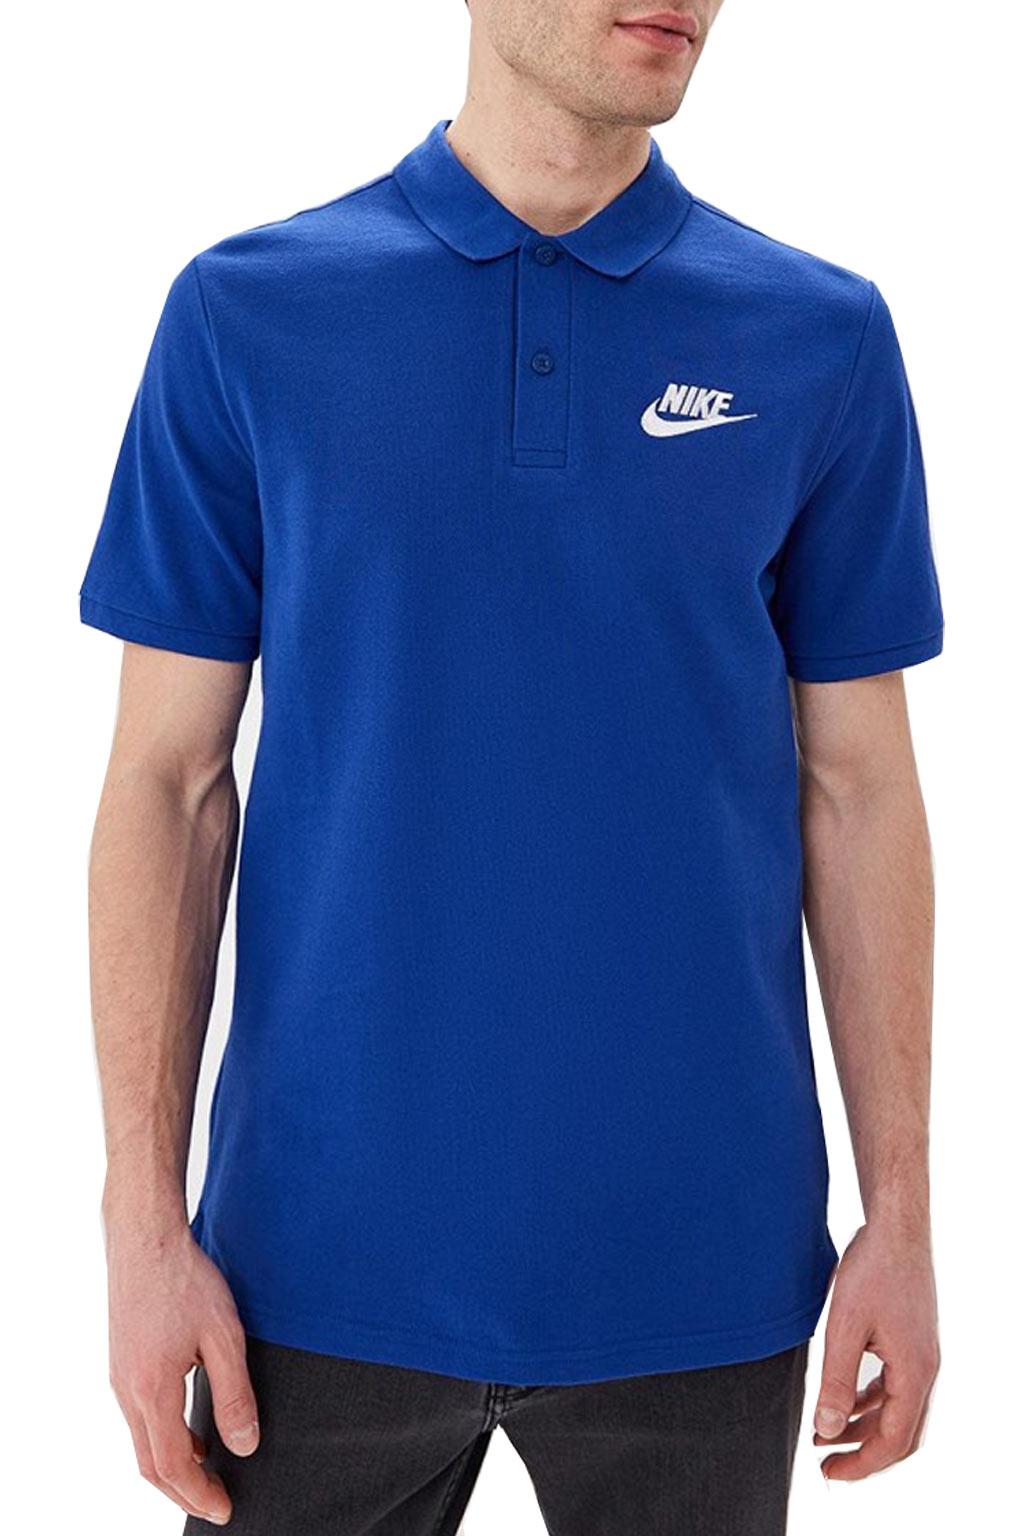 חולצת פולו לגברים - כחול רויאל